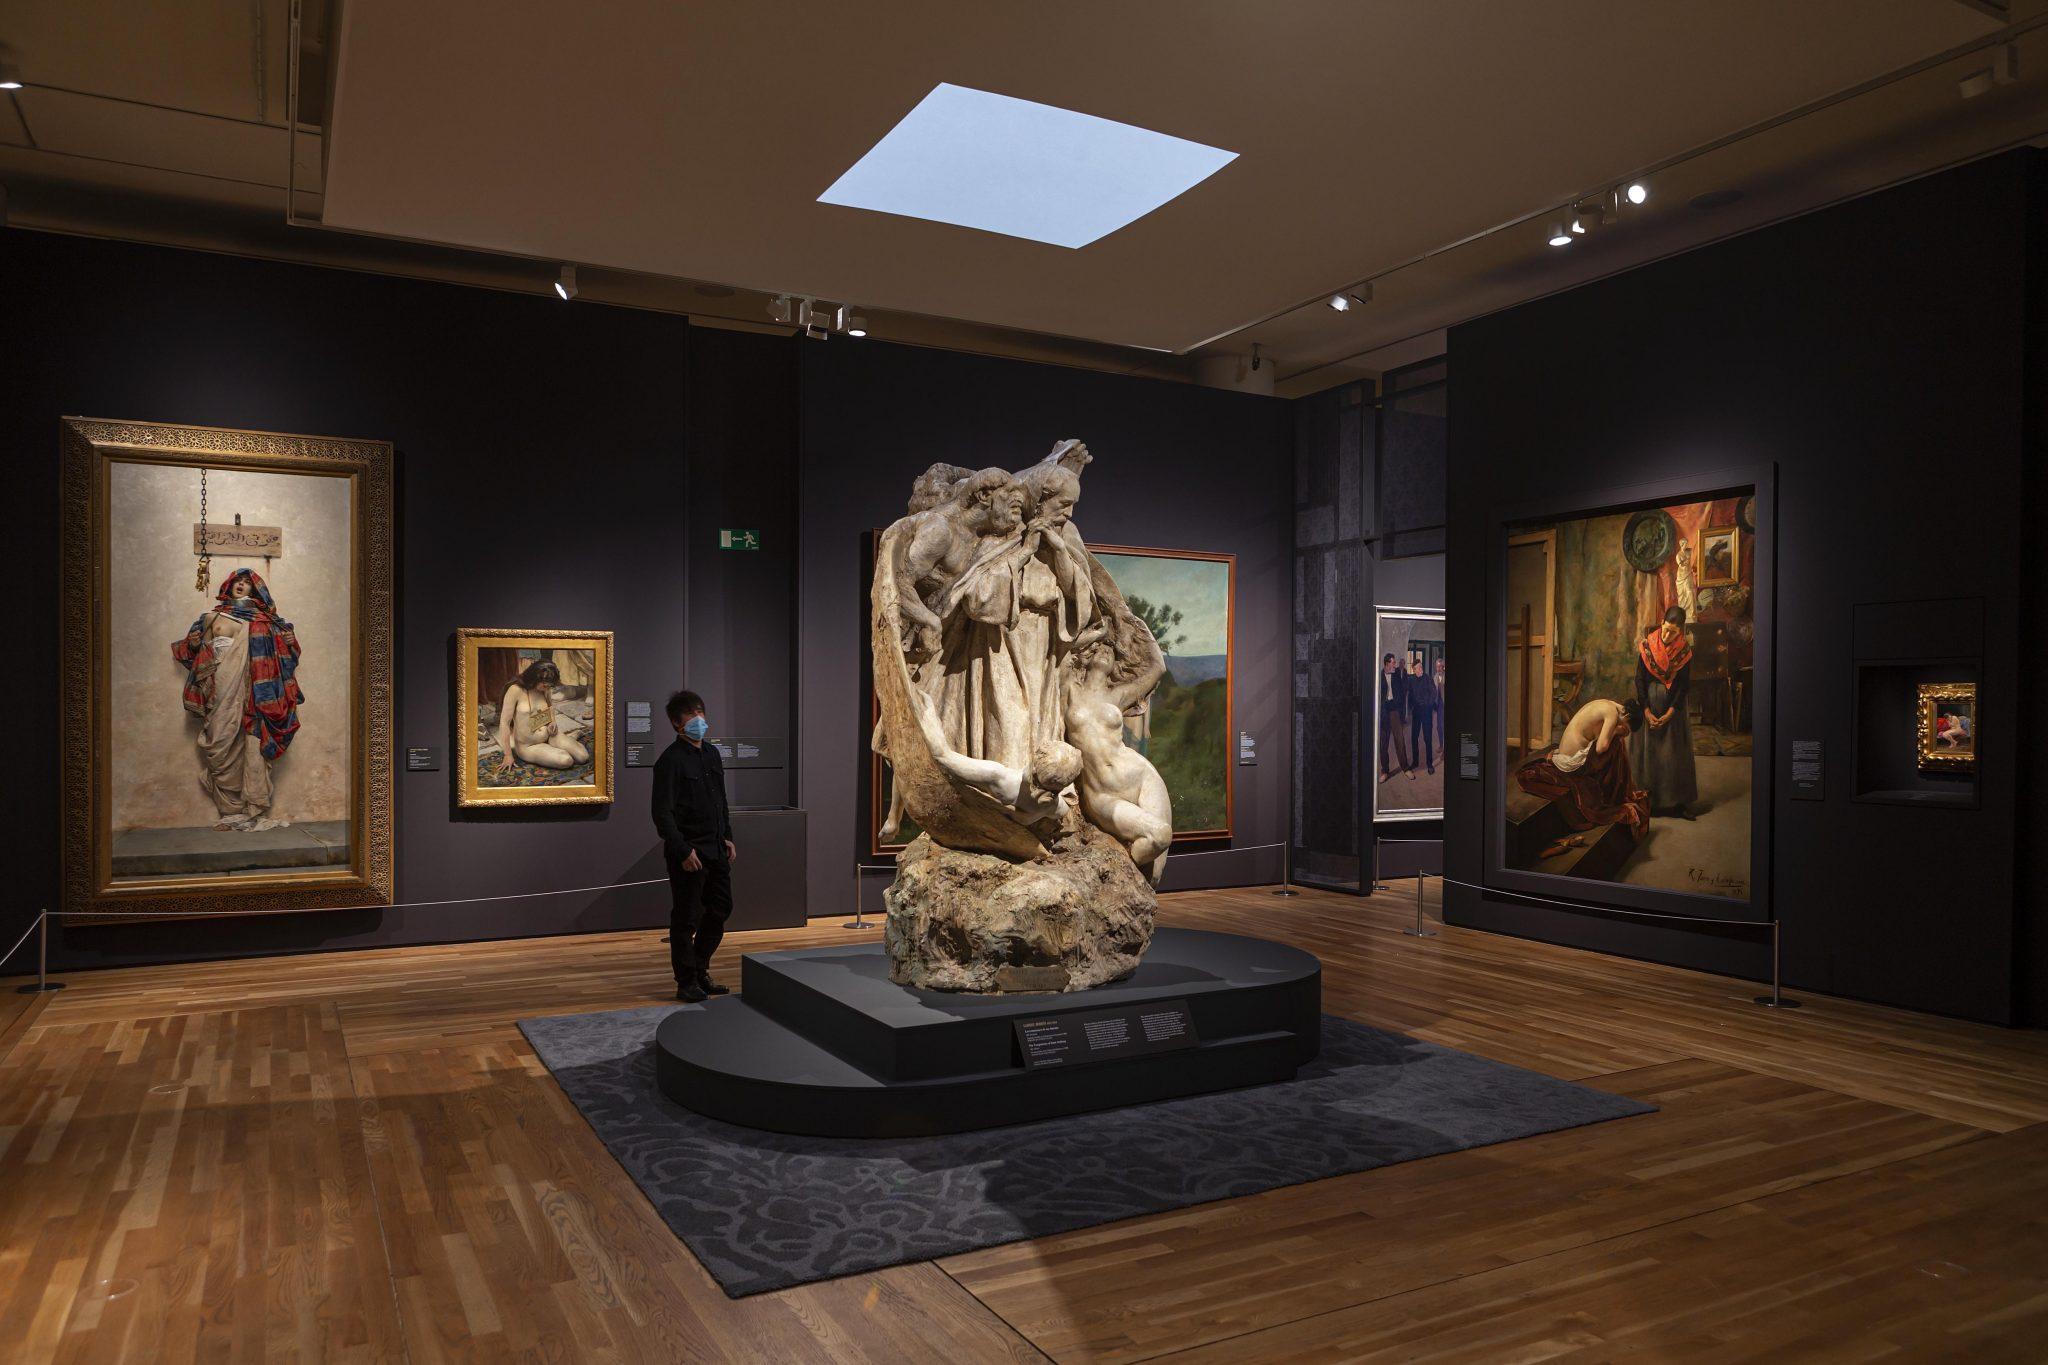 Imagen-de-las-salas-de-la-exposicion-Invitadas.-Foto-©-Museo-Nacional-del-Prado-2048x1365